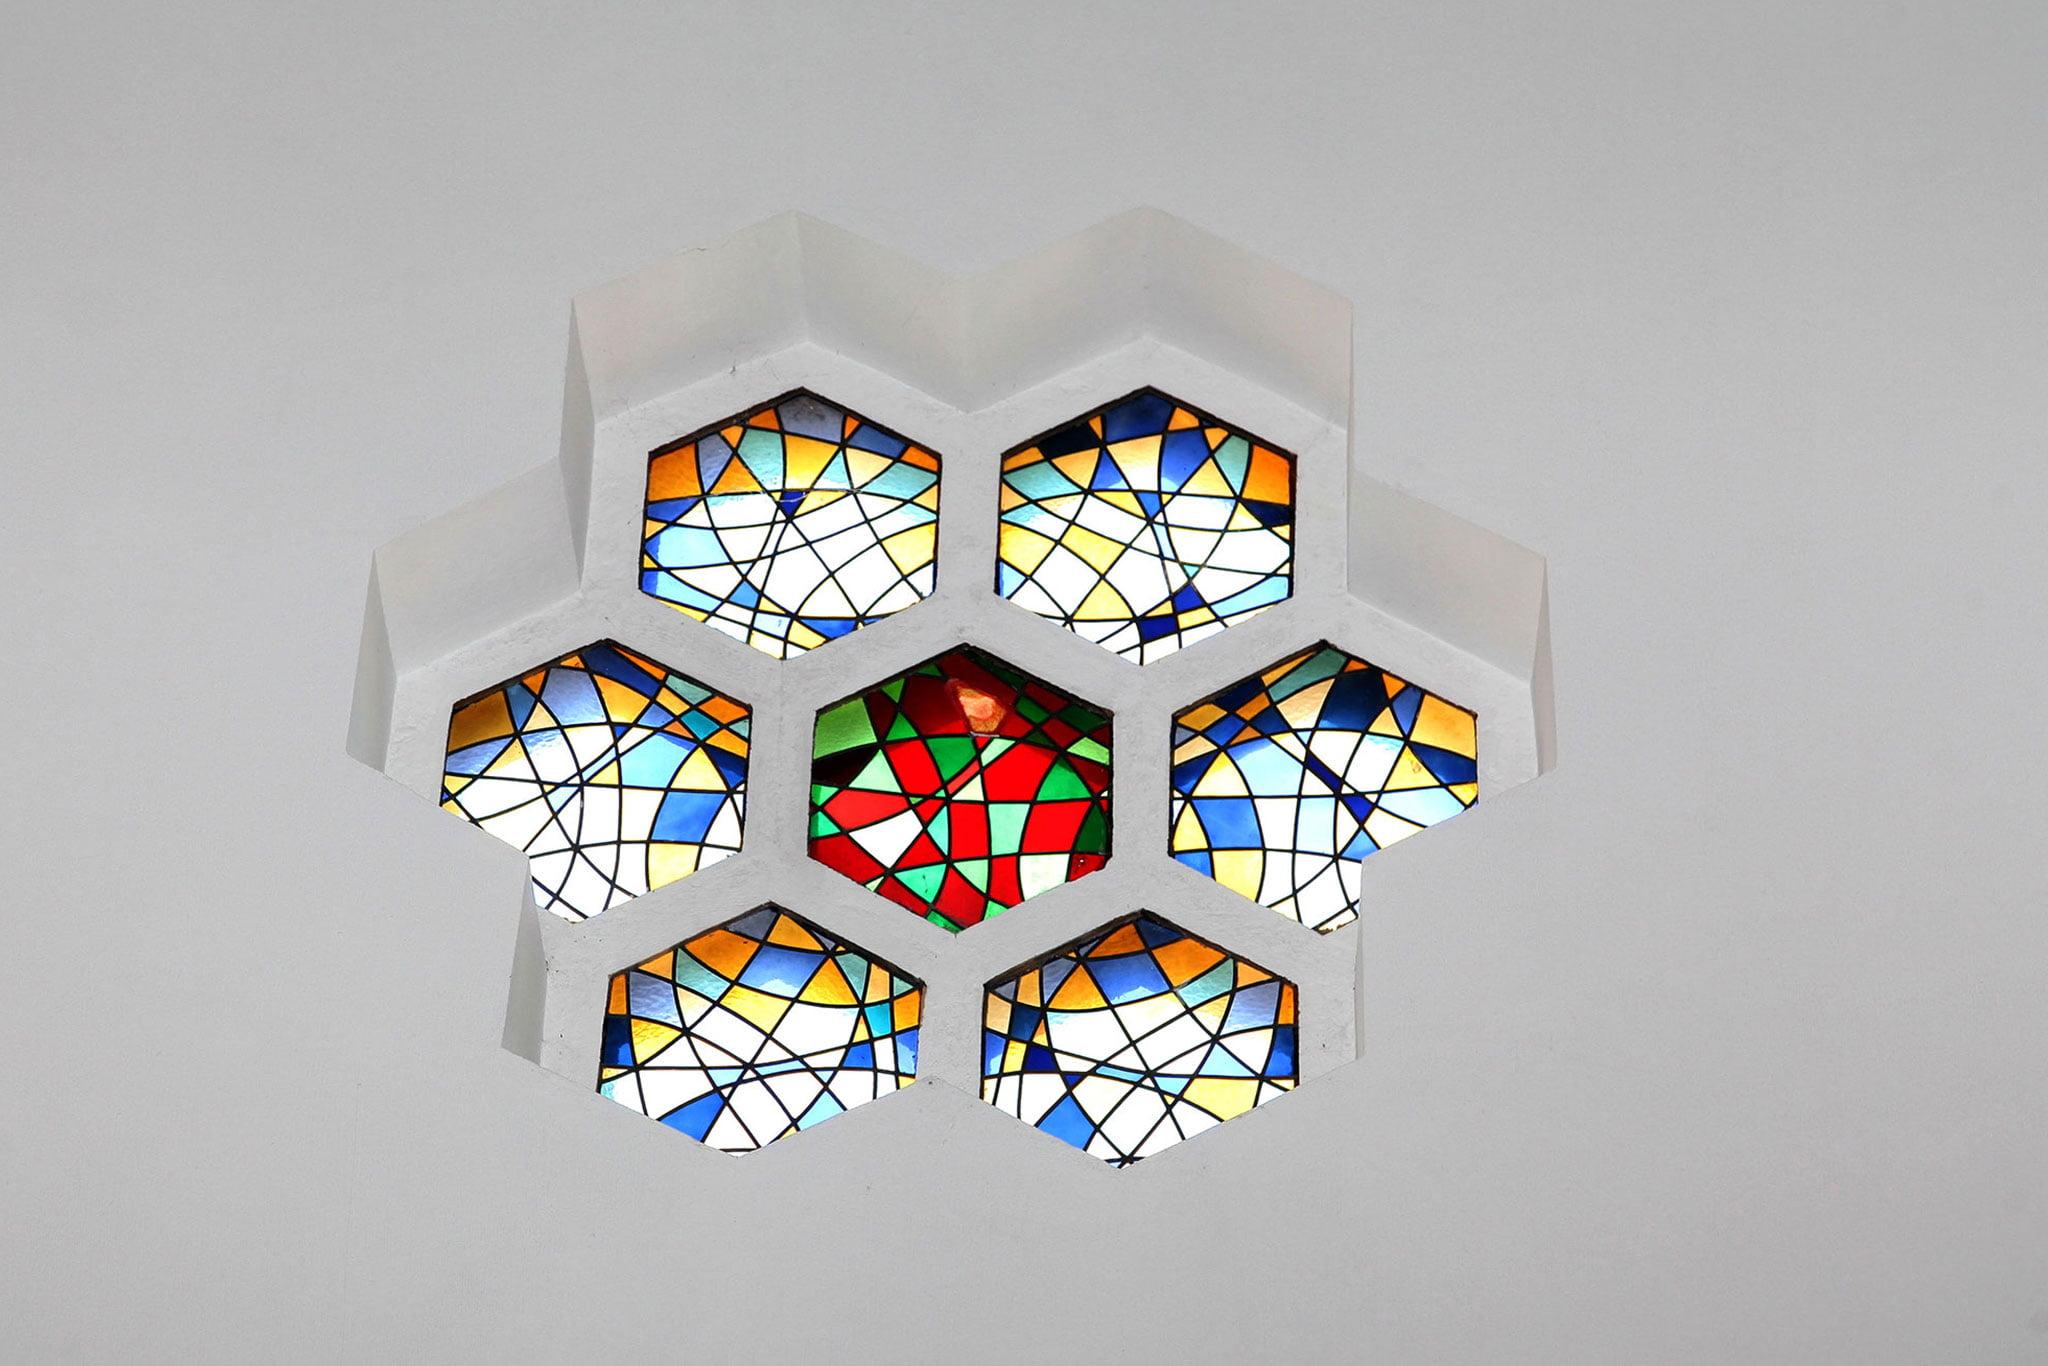 Detalle de una vidriera de la capilla de la Mare de Déu dels Àngels de Xàbia